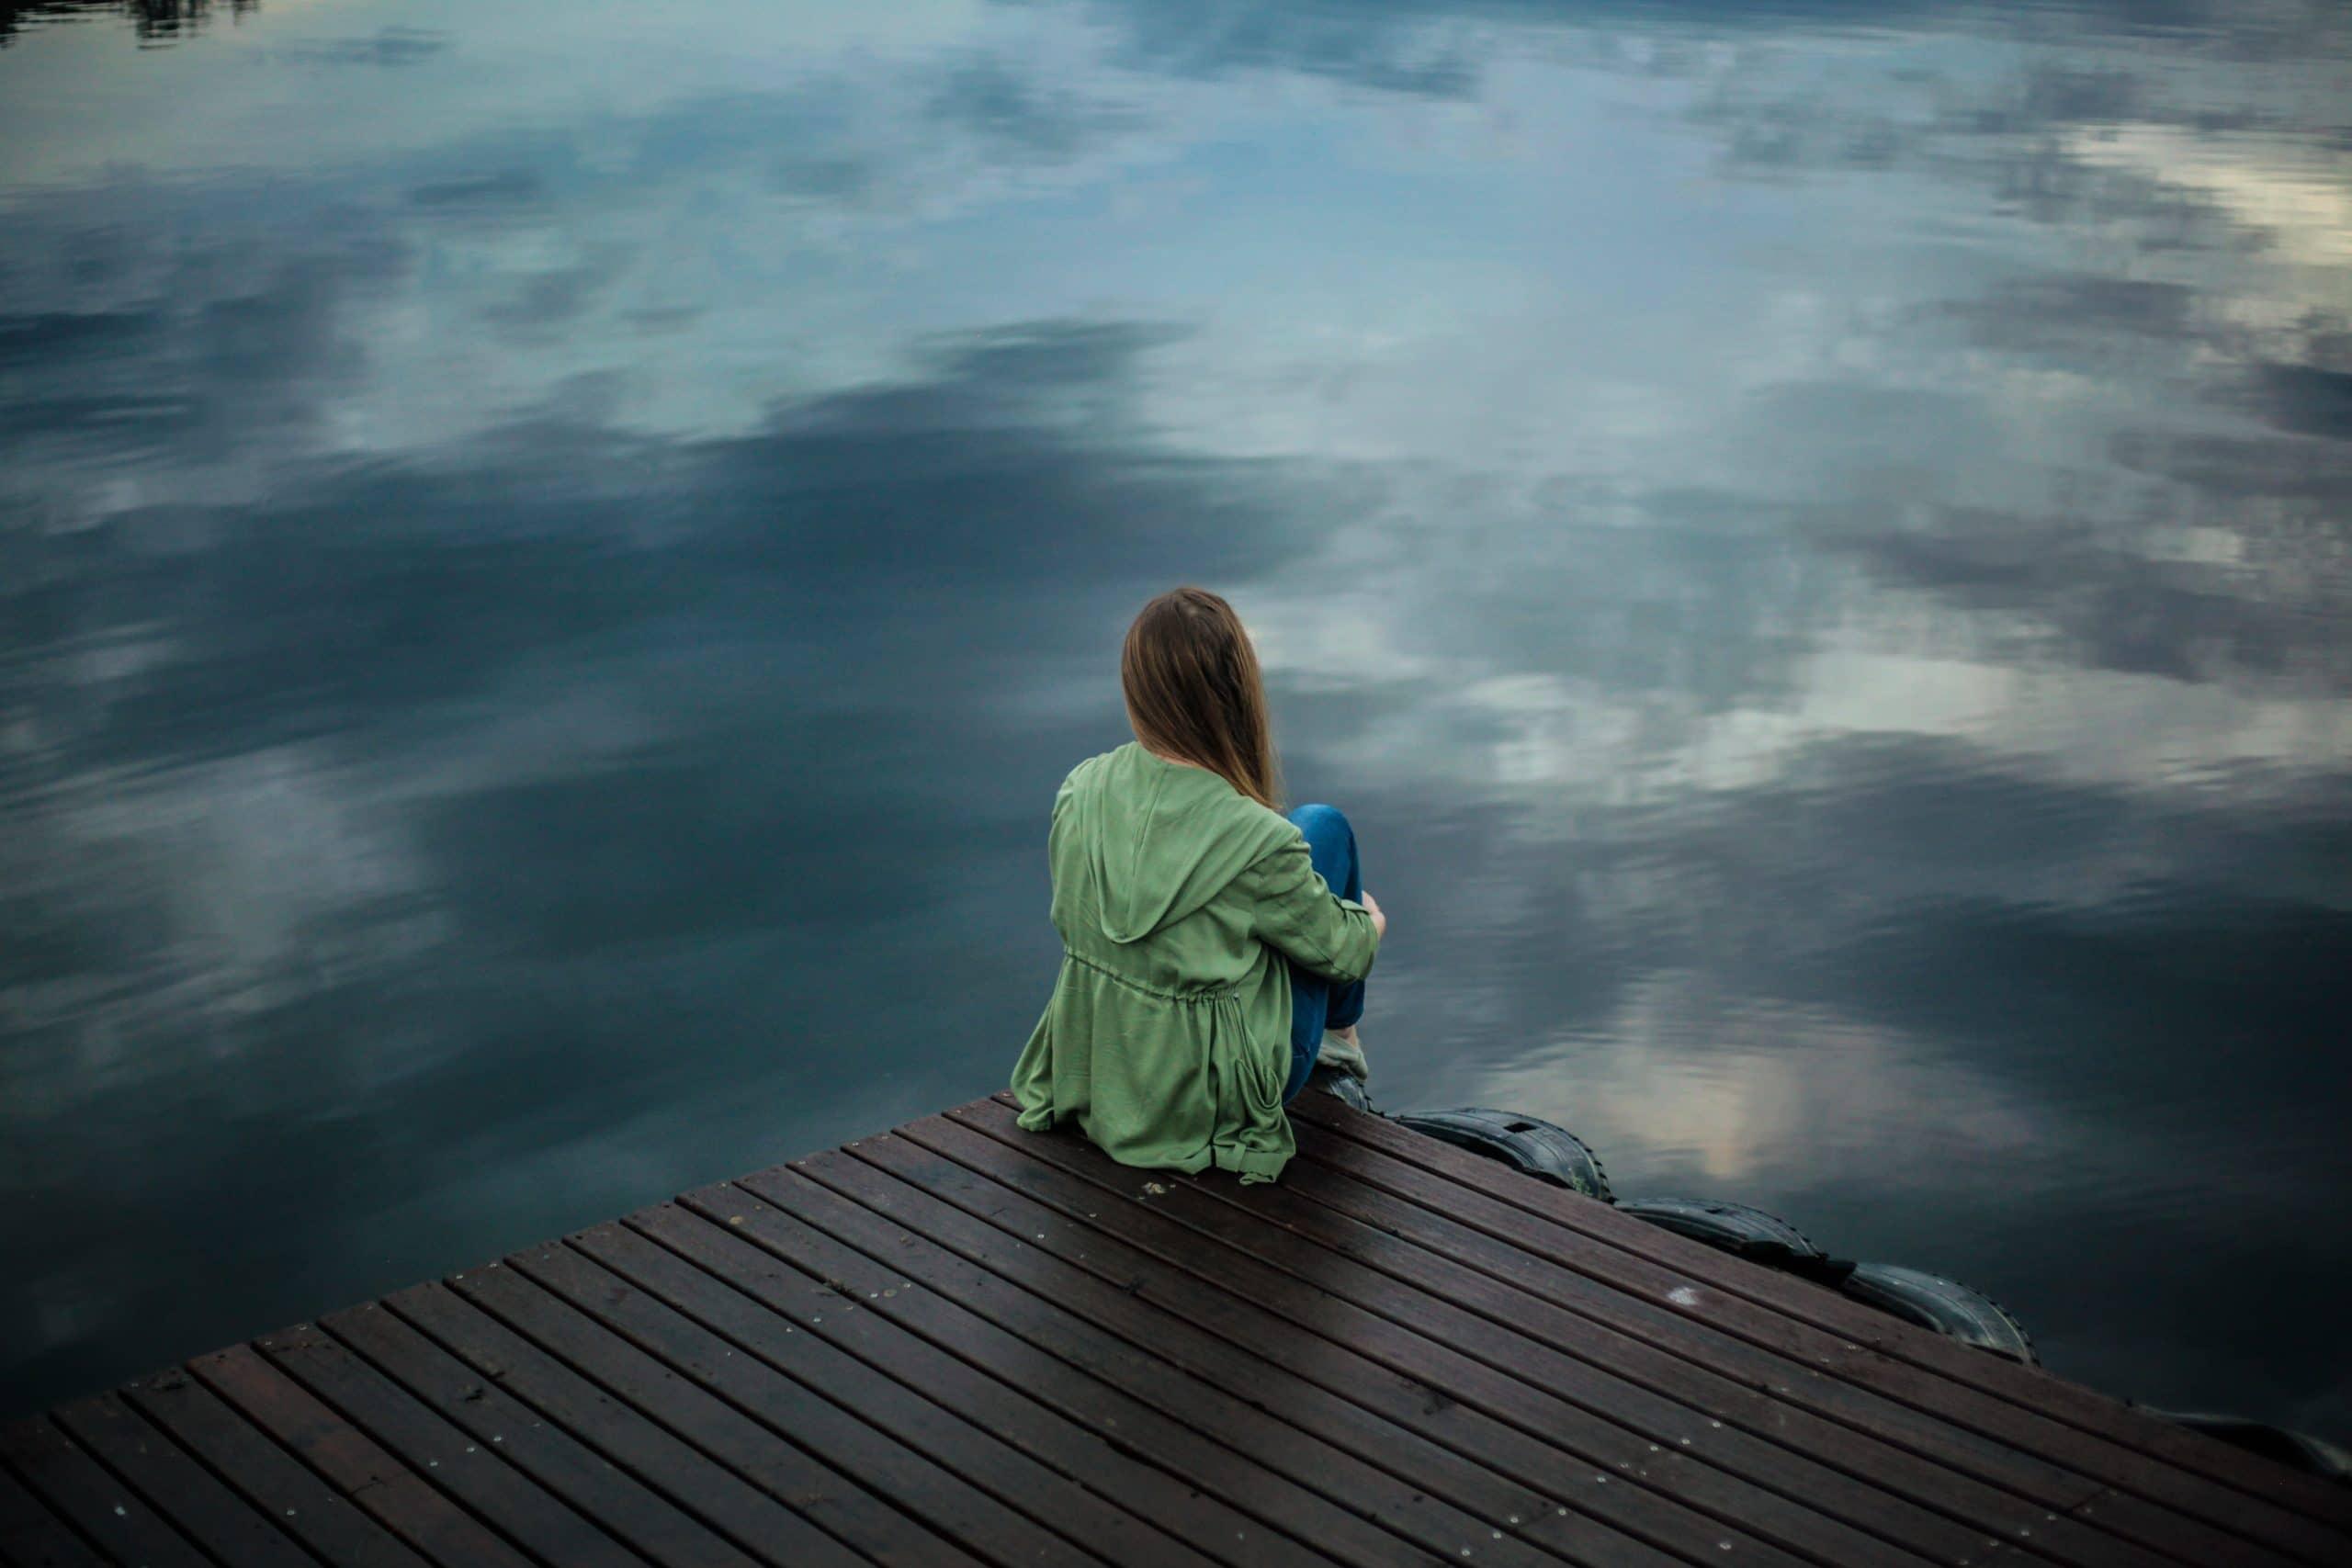 Mulher sentada olhando para lago.